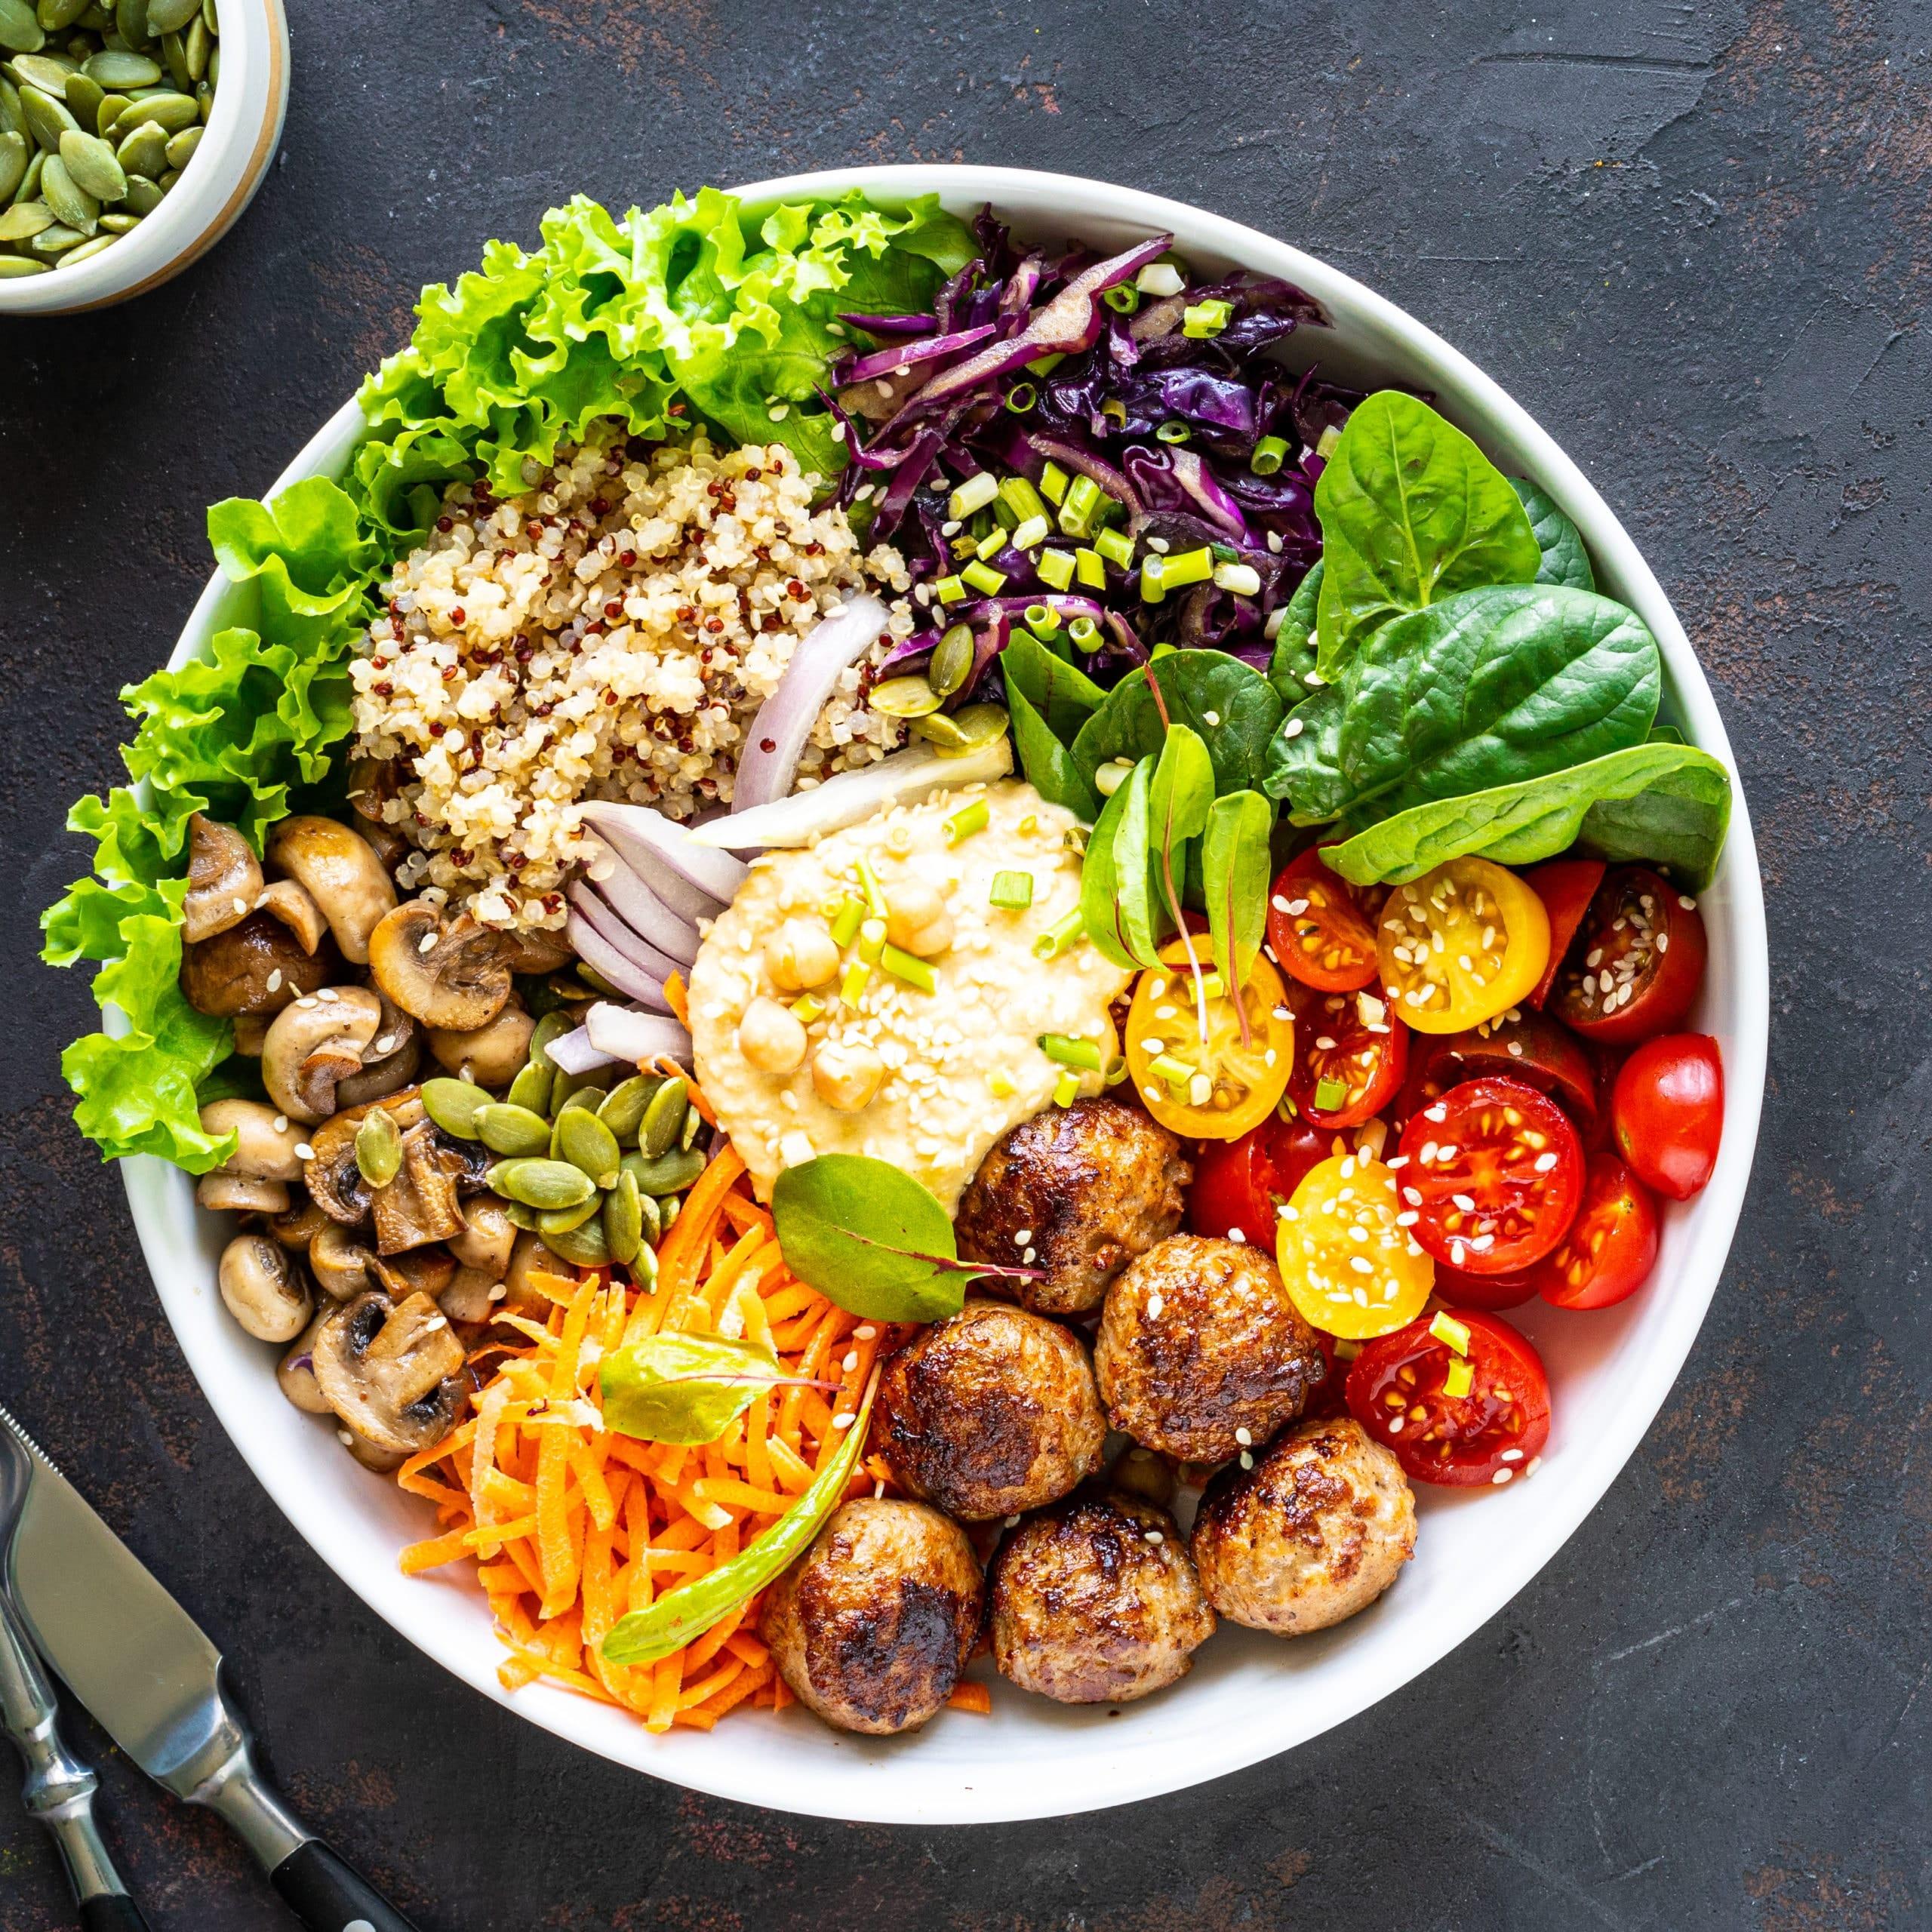 TCM Ernährungsberater, Gutes Essen führt zu einem gesünderen Leben: die Ernährungsberatung Diolosa & Morell unterstützt Sie dabei